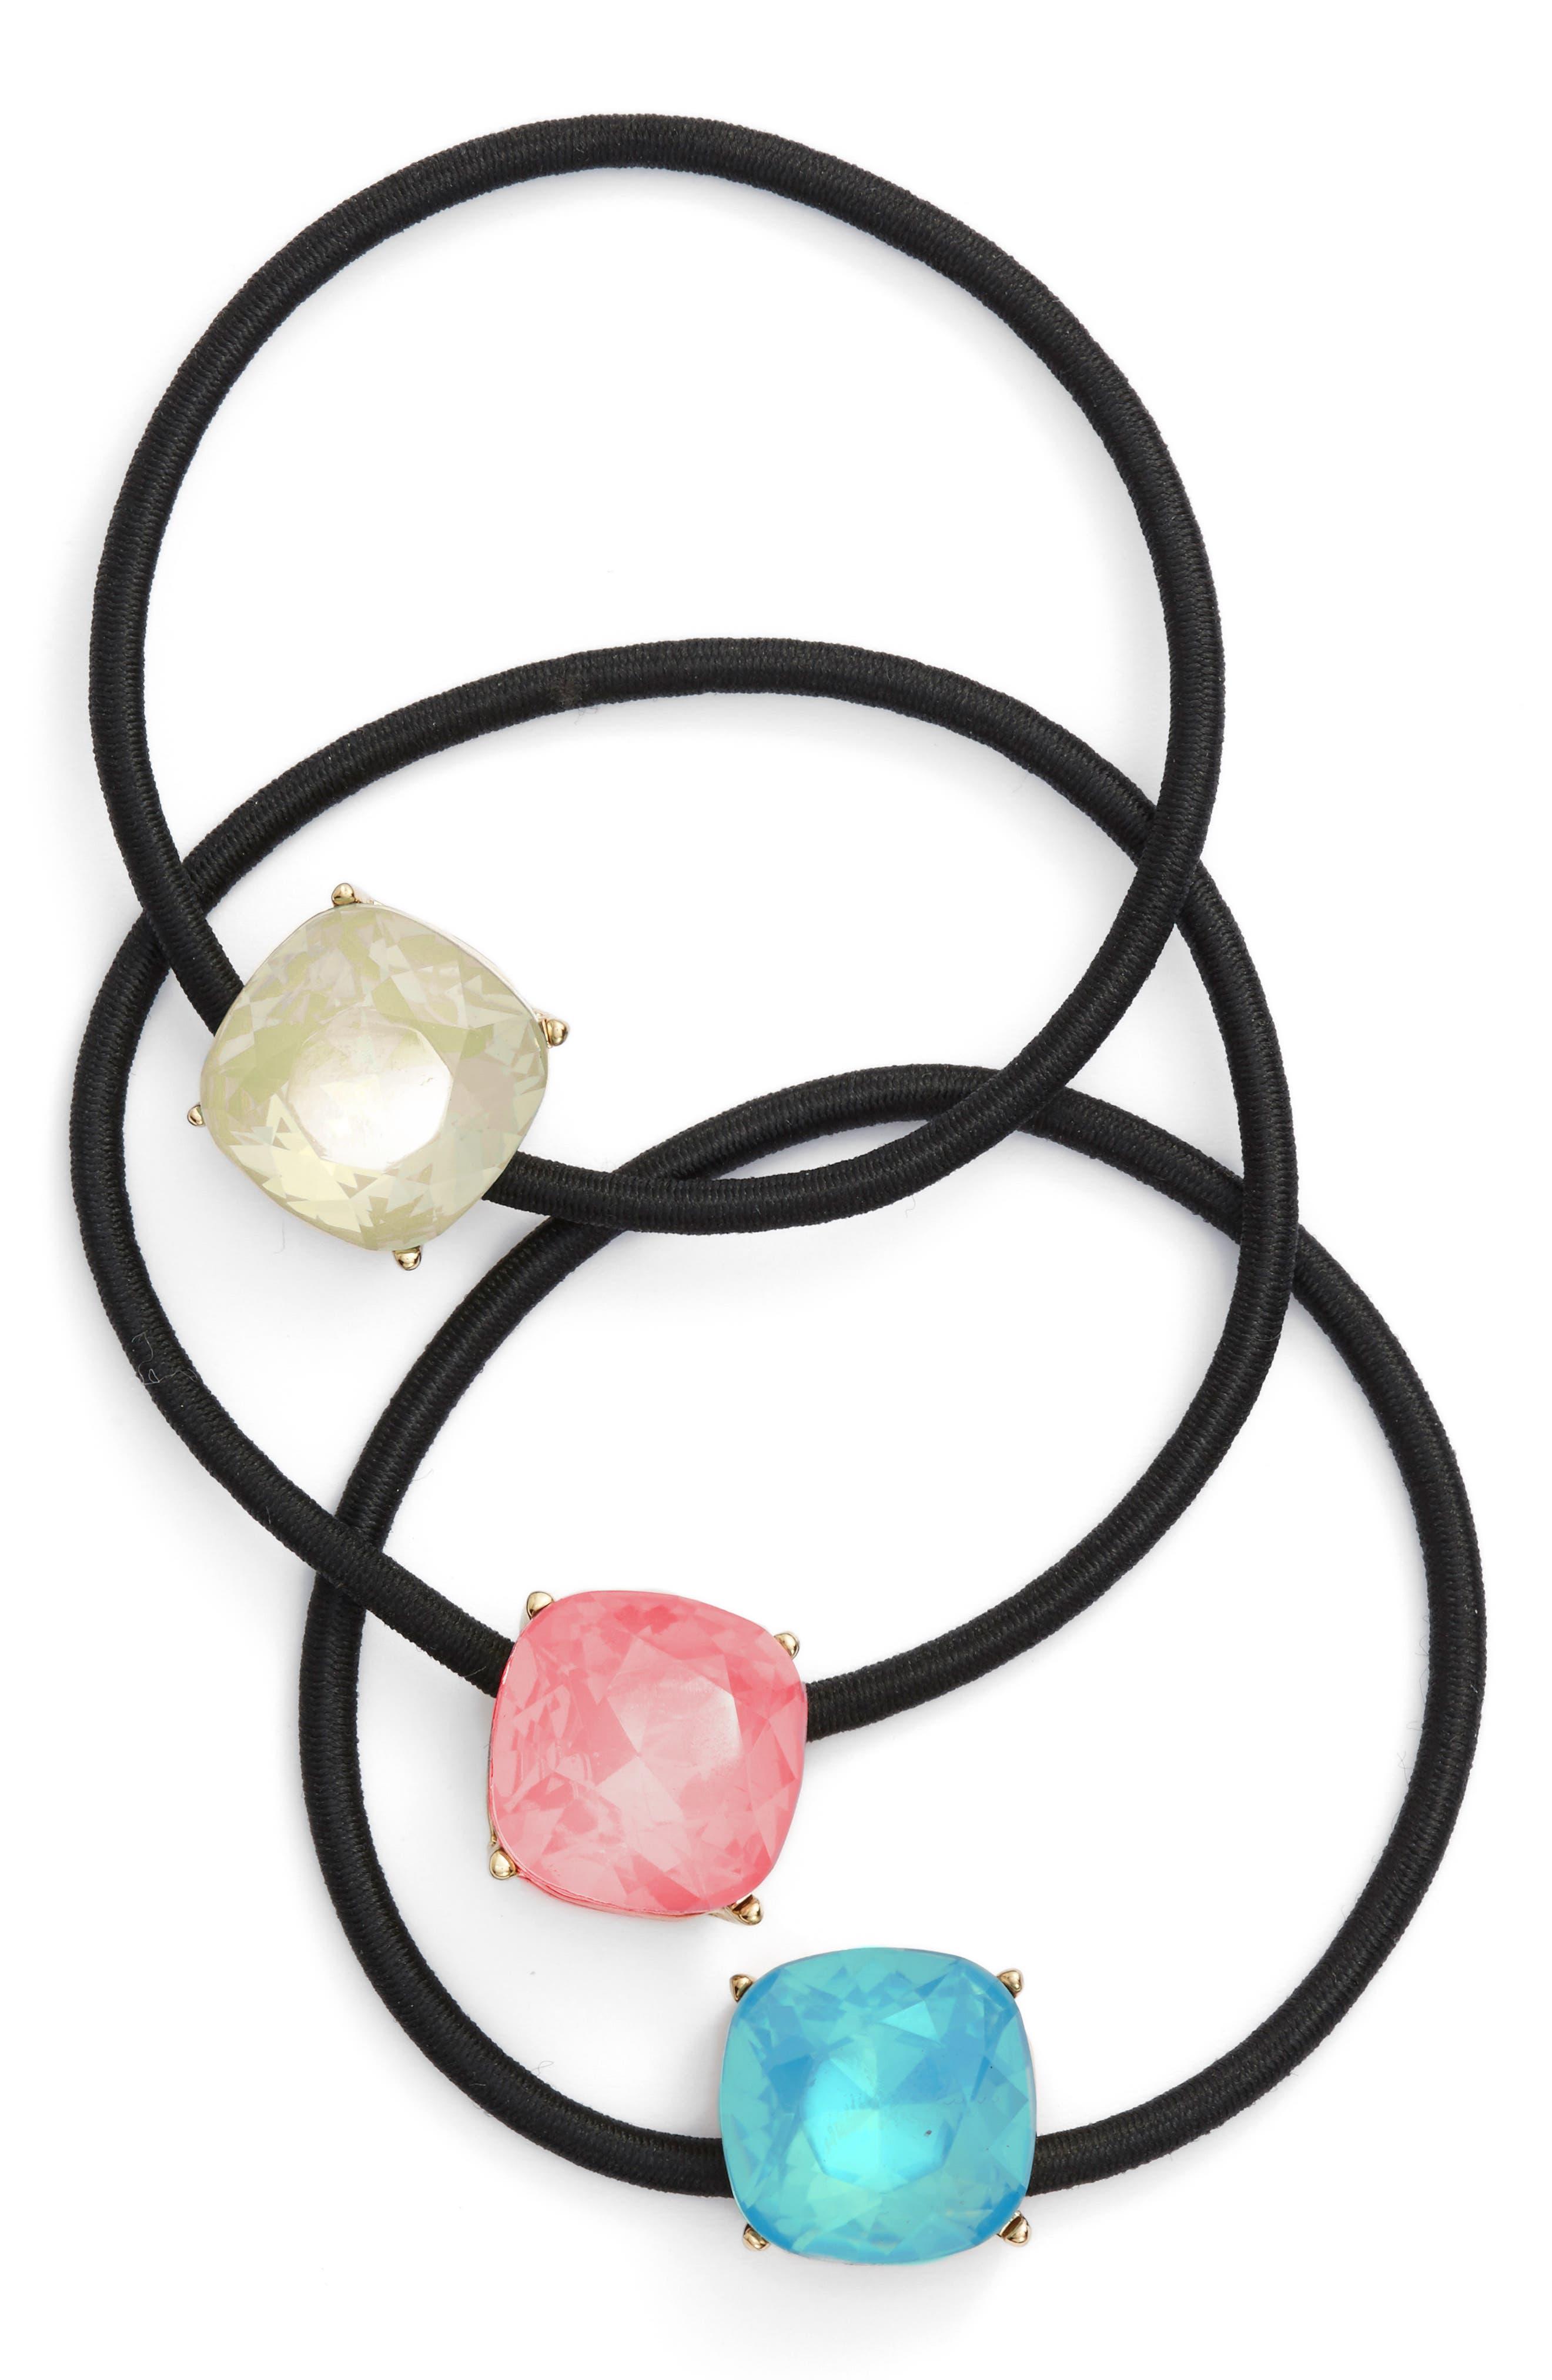 Alternate Image 1 Selected - Cara Crystal Hair Ties (3-Pack)